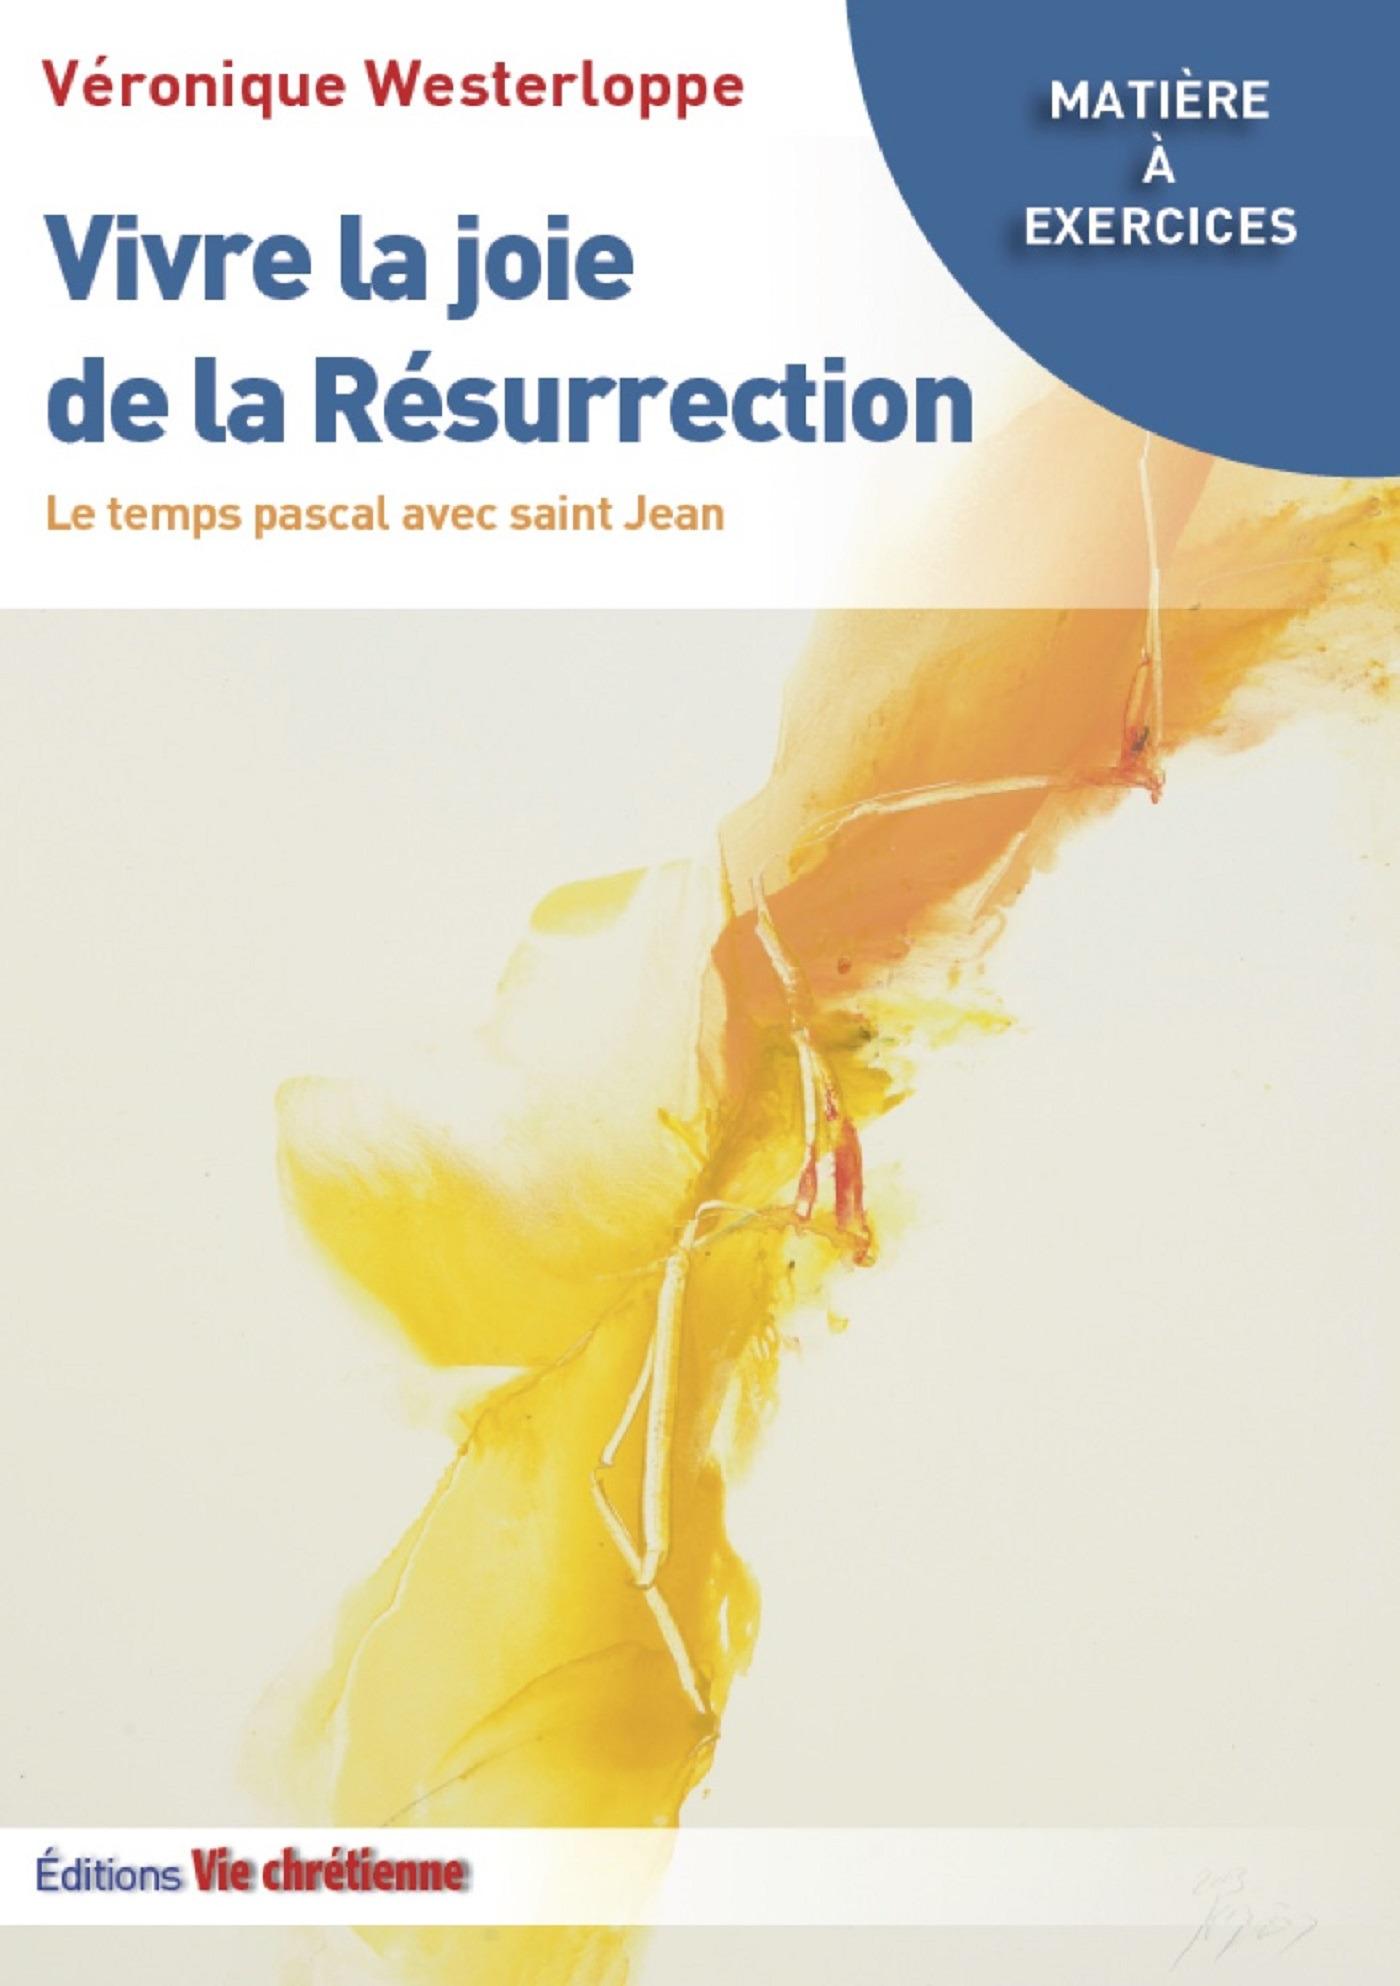 Vivre la Joie de la Résurrection  - Veronique Westerloppe